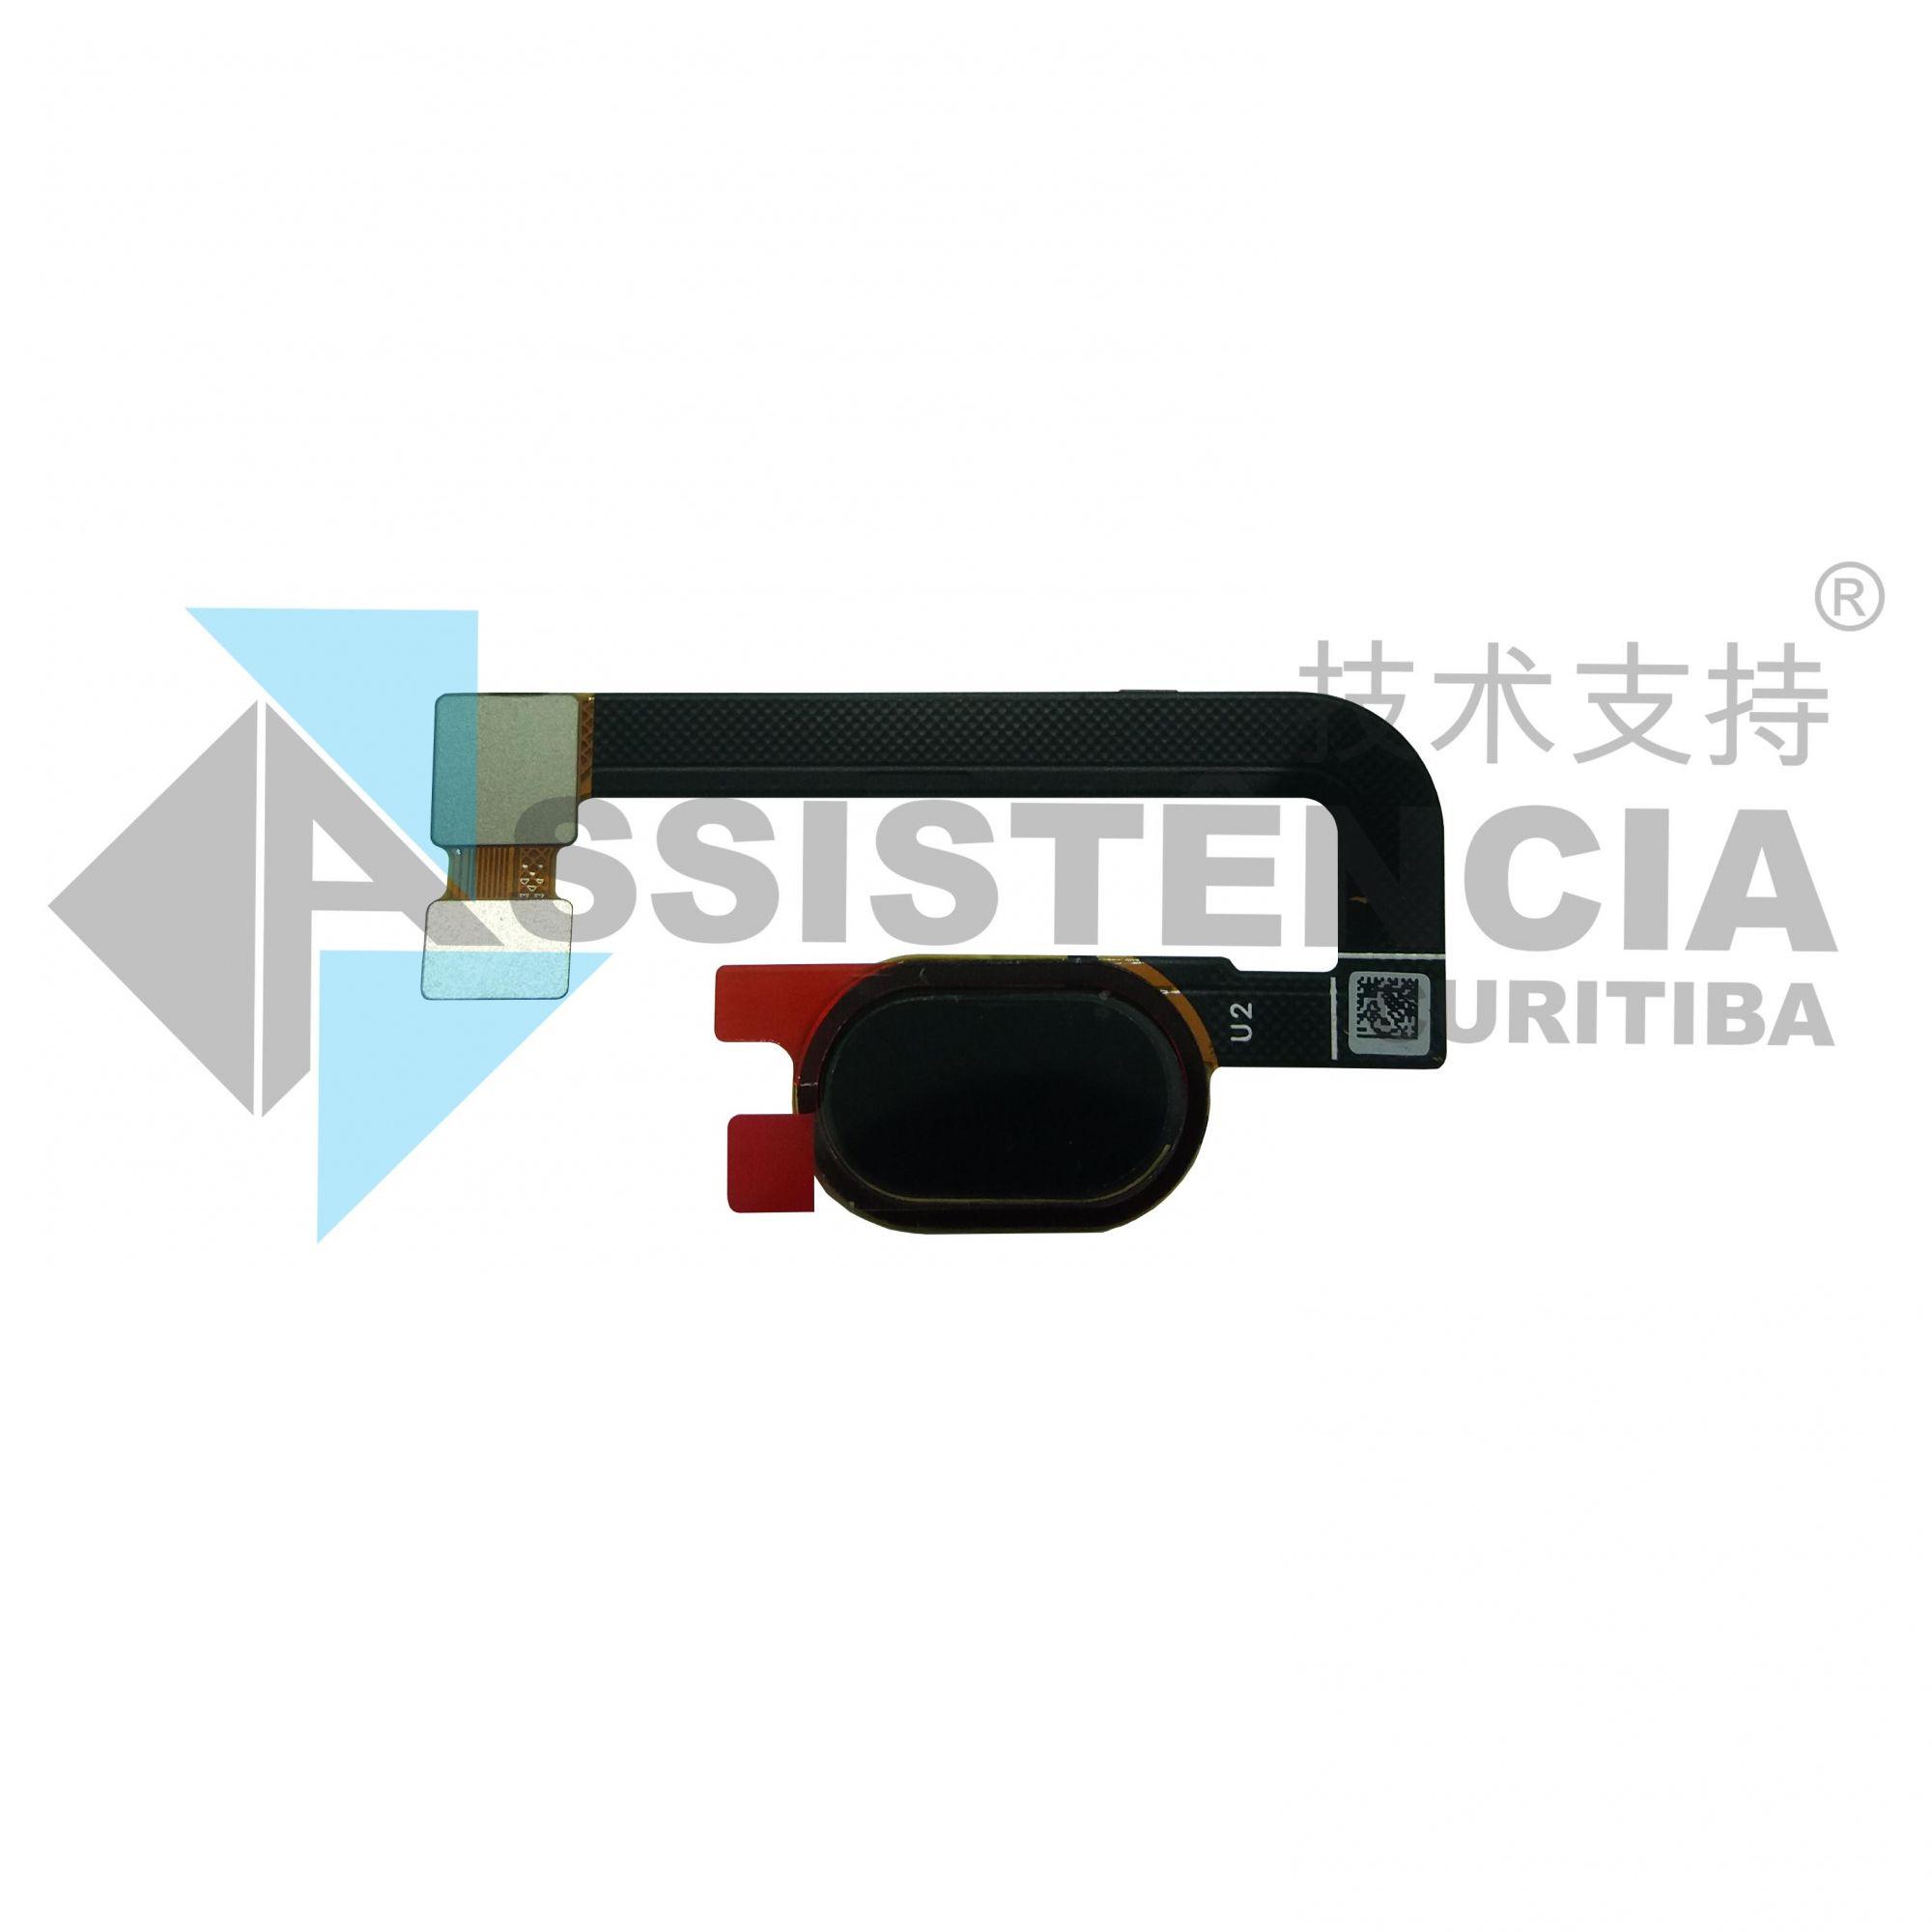 Botão Home Completo Biometria Motorola Moto G5S Plus Xt1802 Original Preto